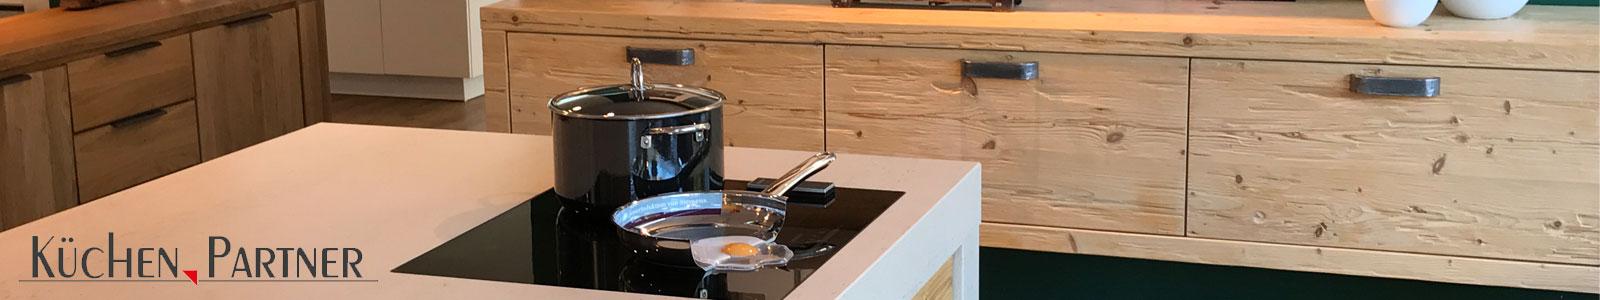 Küchenpartner Murnau am Staffelsee